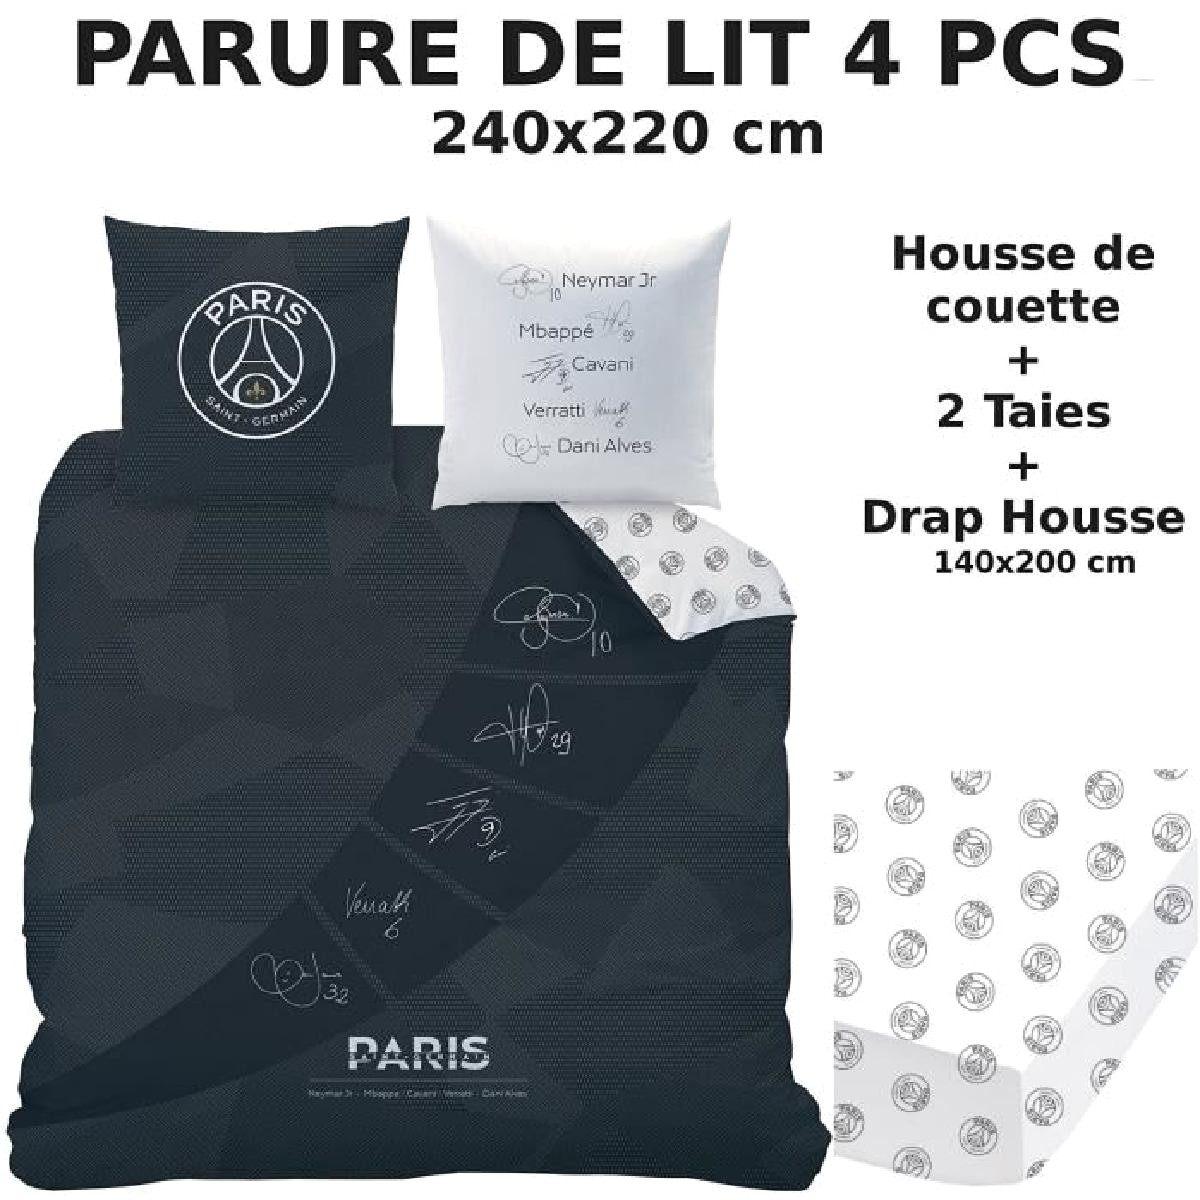 Parure De Lit 240×220 Le Luxe Parure De Lit 4 Pcs Housse De Couette 240×220 2 Taies D oreiller